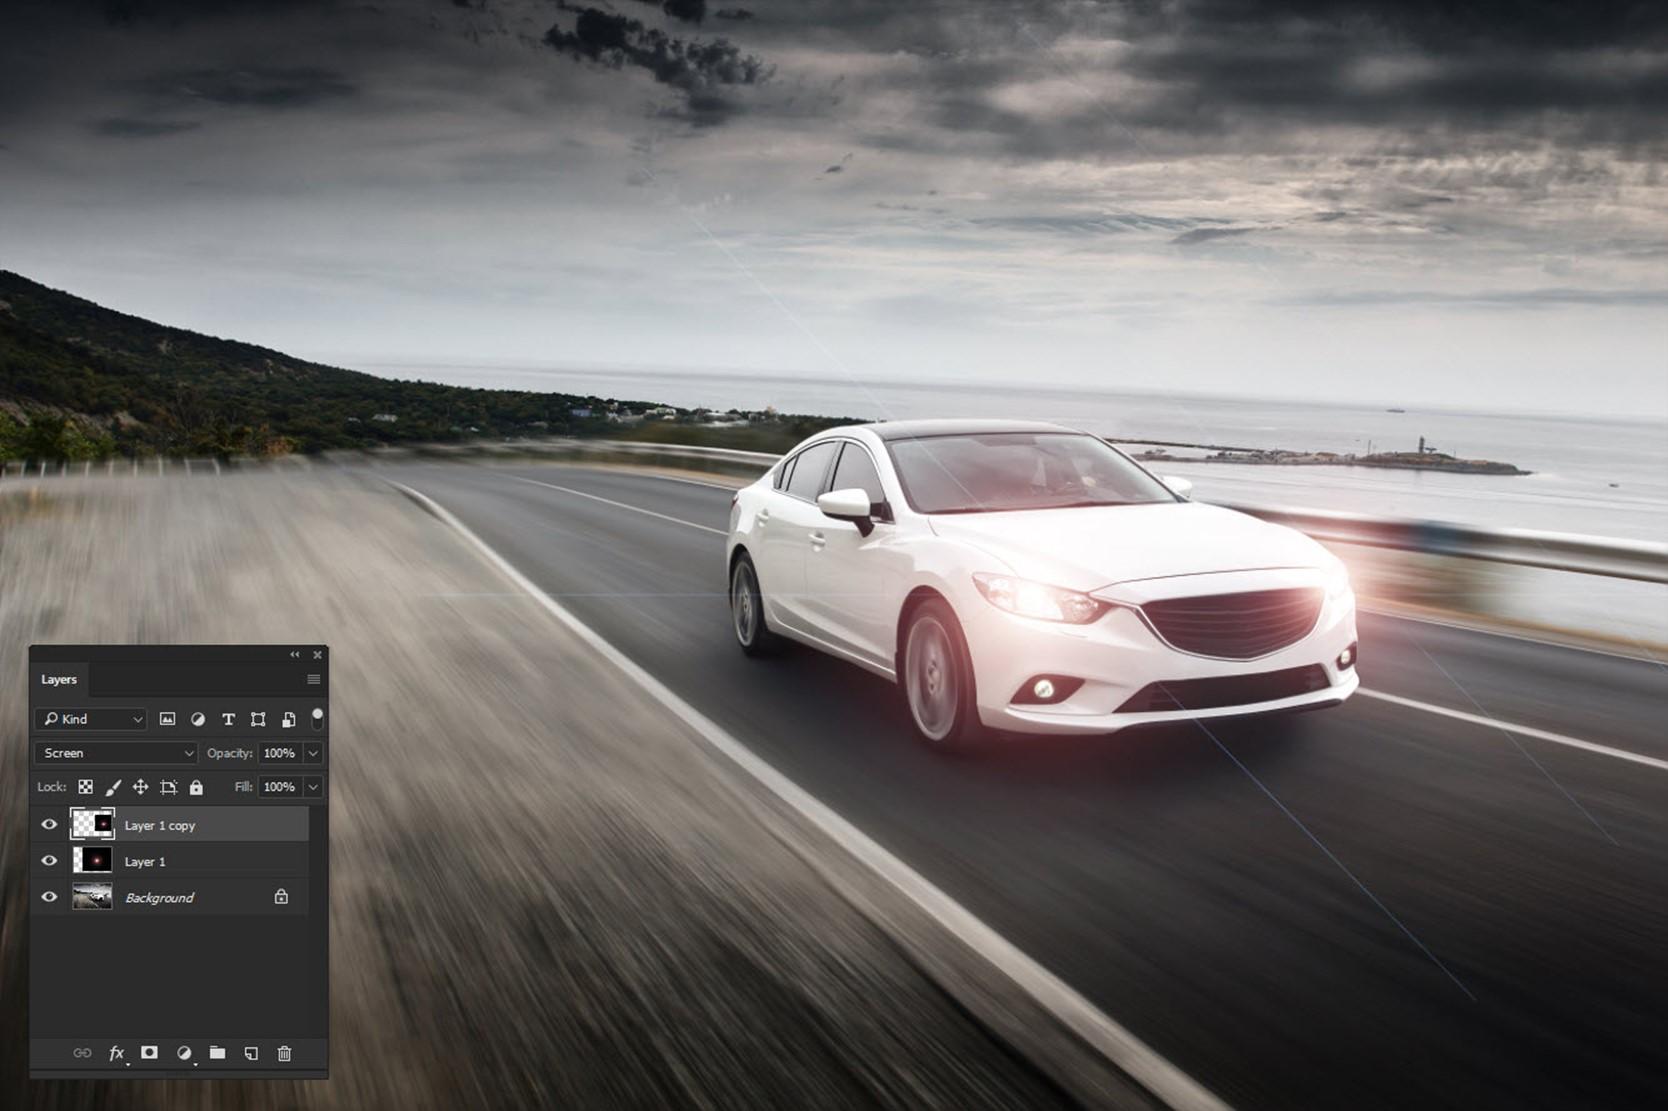 091017_1237_AddRealisti7 - Add Realistic Headlights in Car using Photoshop